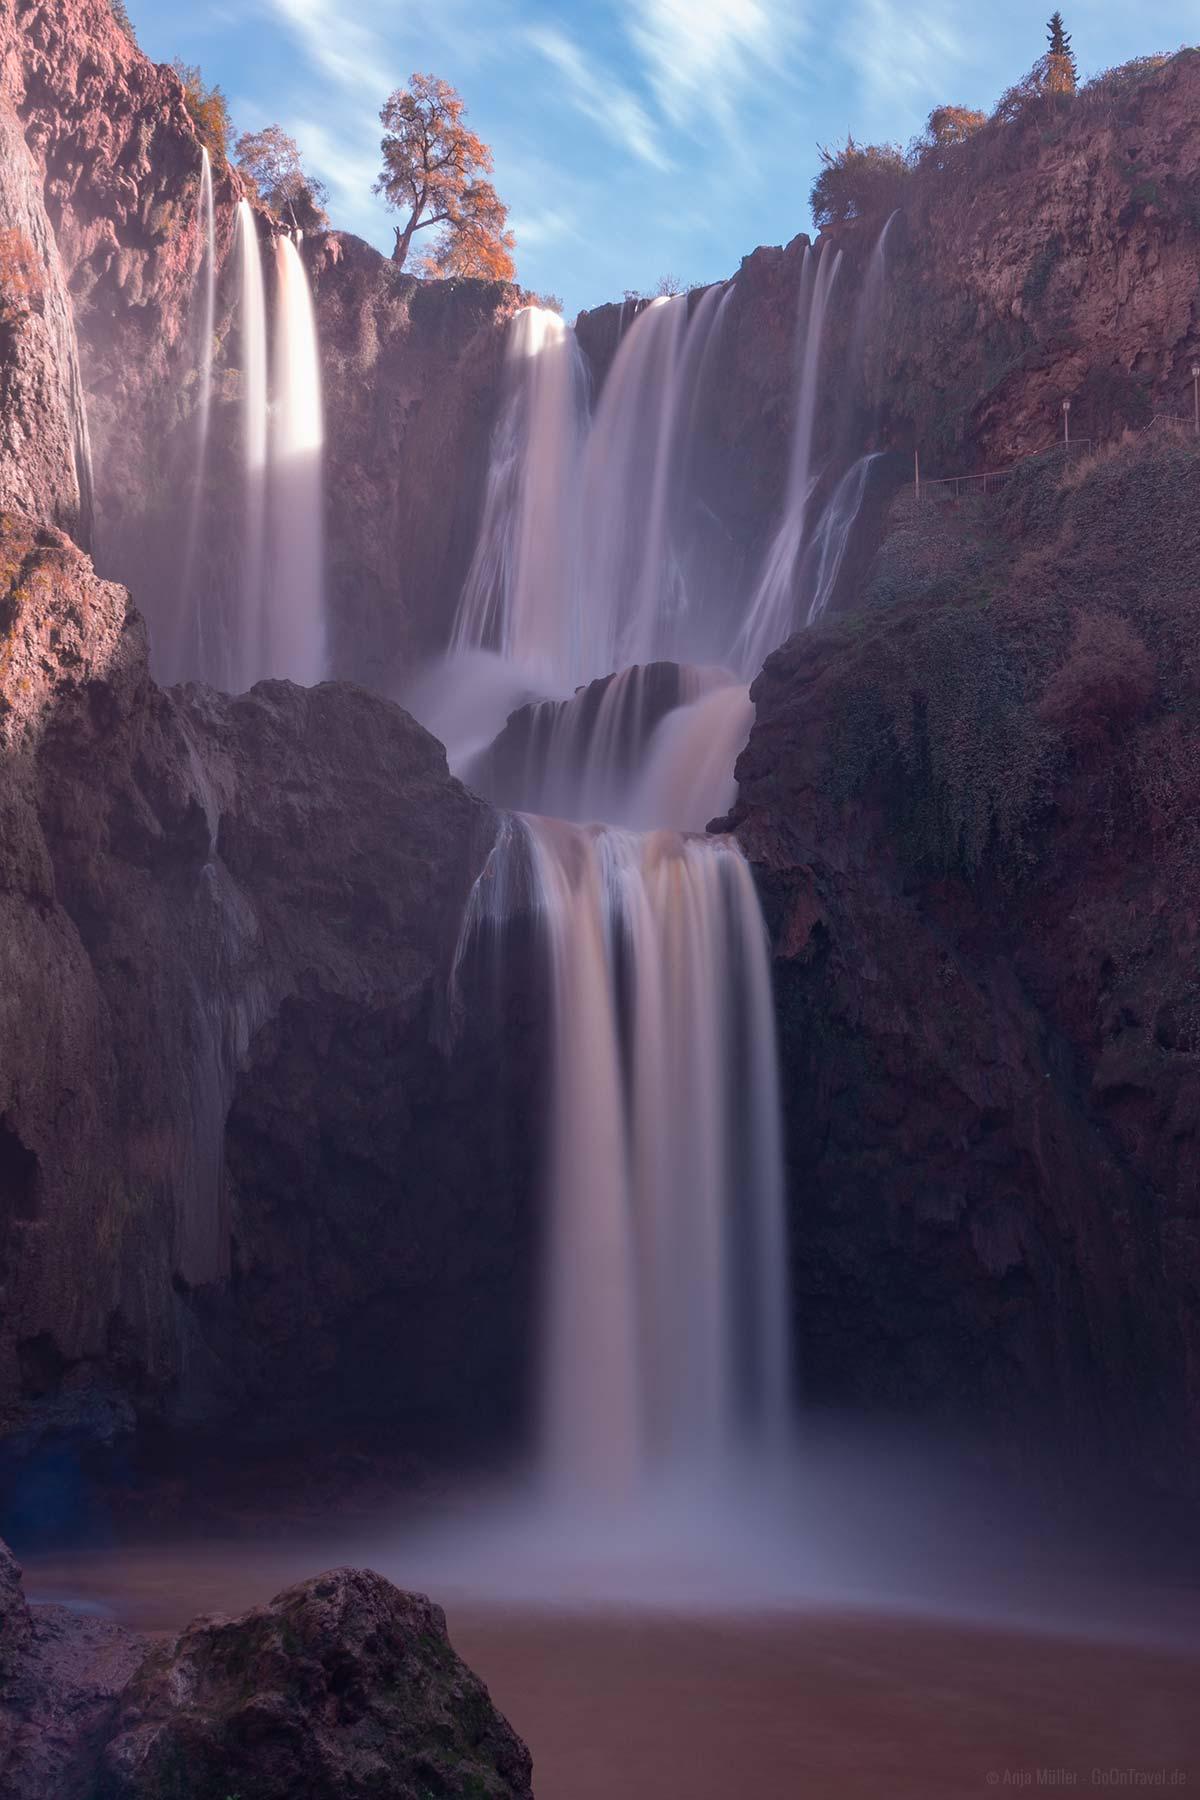 Wasserfall Langzeitbelichtung in Marokko